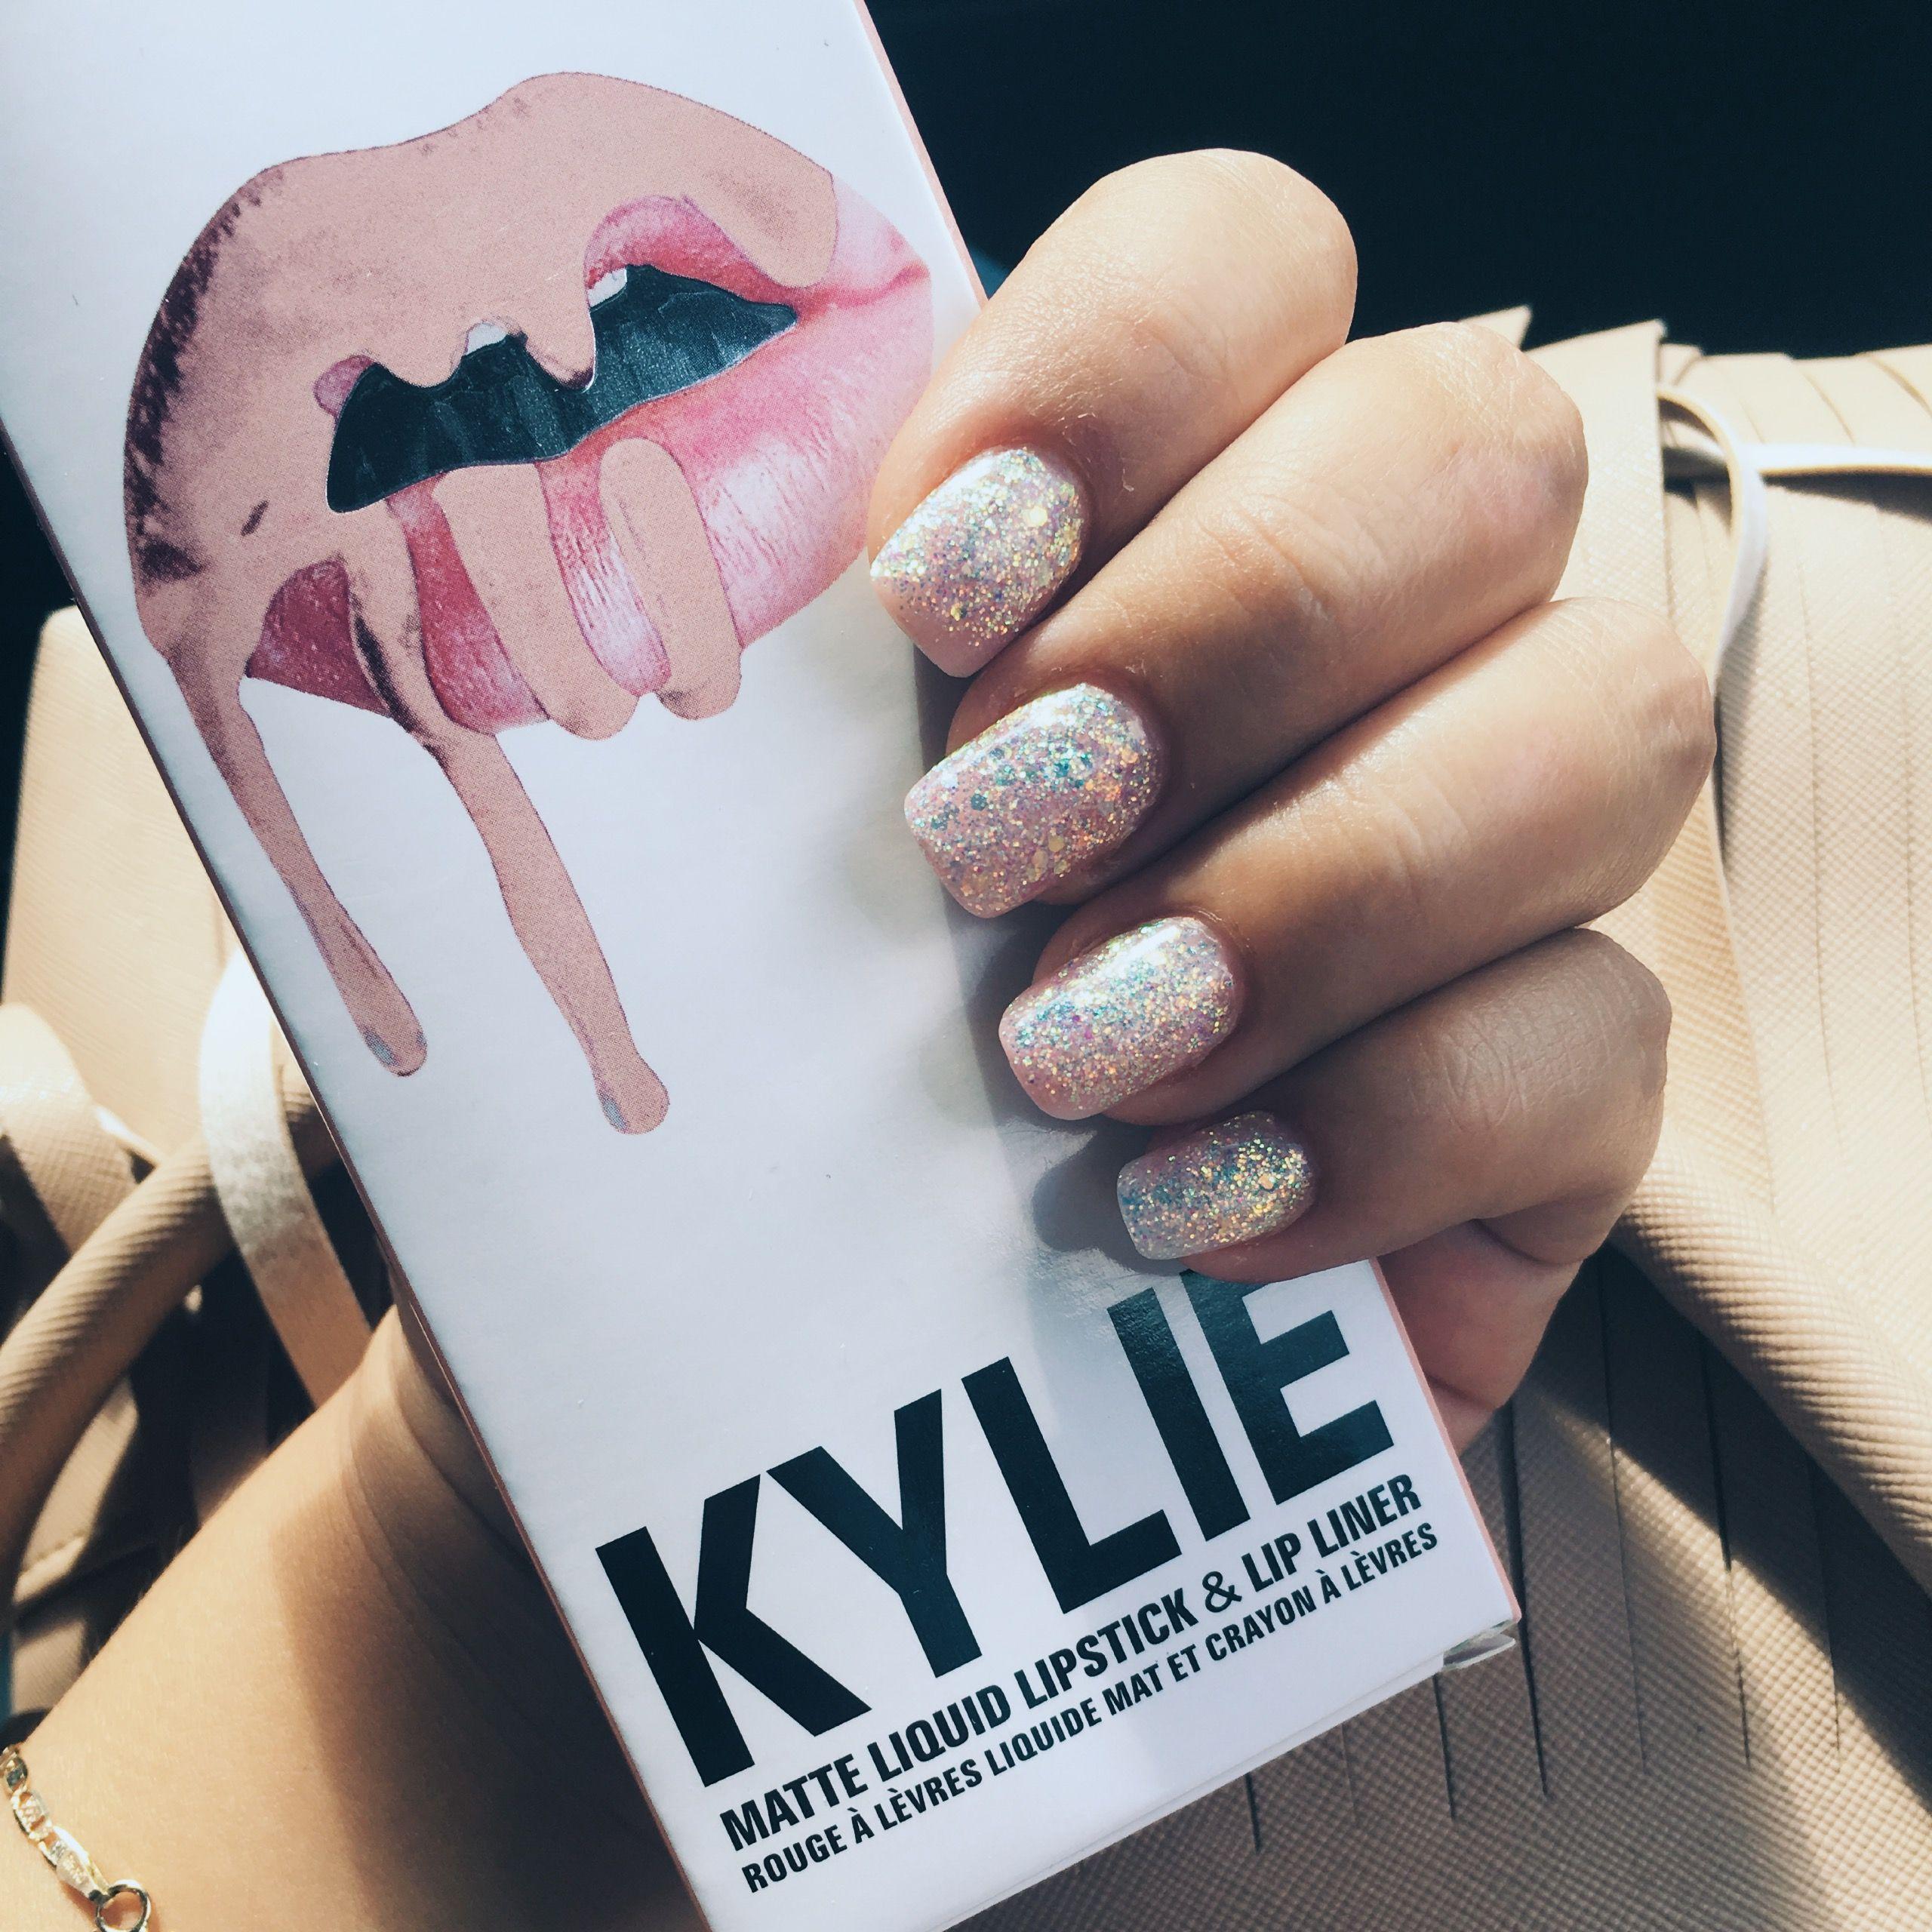 #Kylielipkit #KokoK